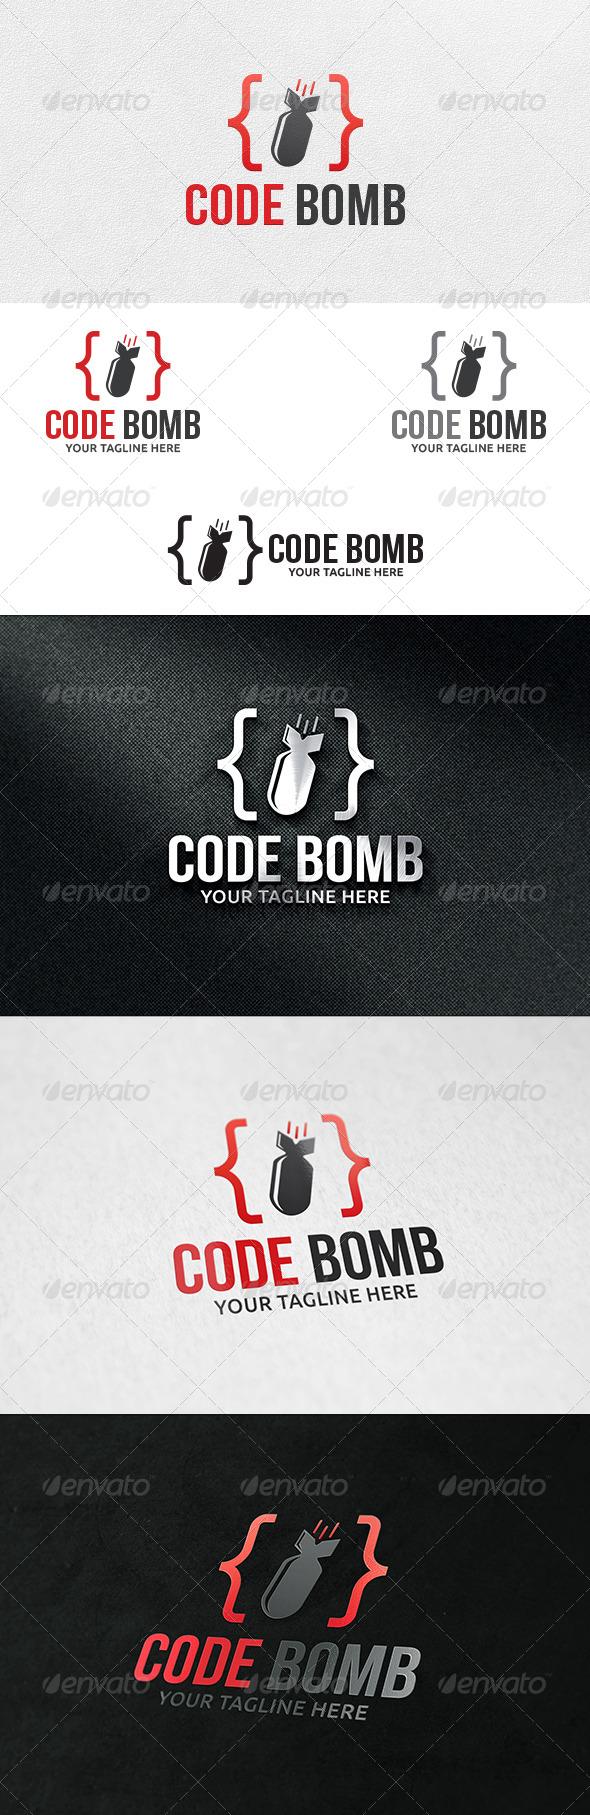 GraphicRiver Code Bomb Logo Template 6461471